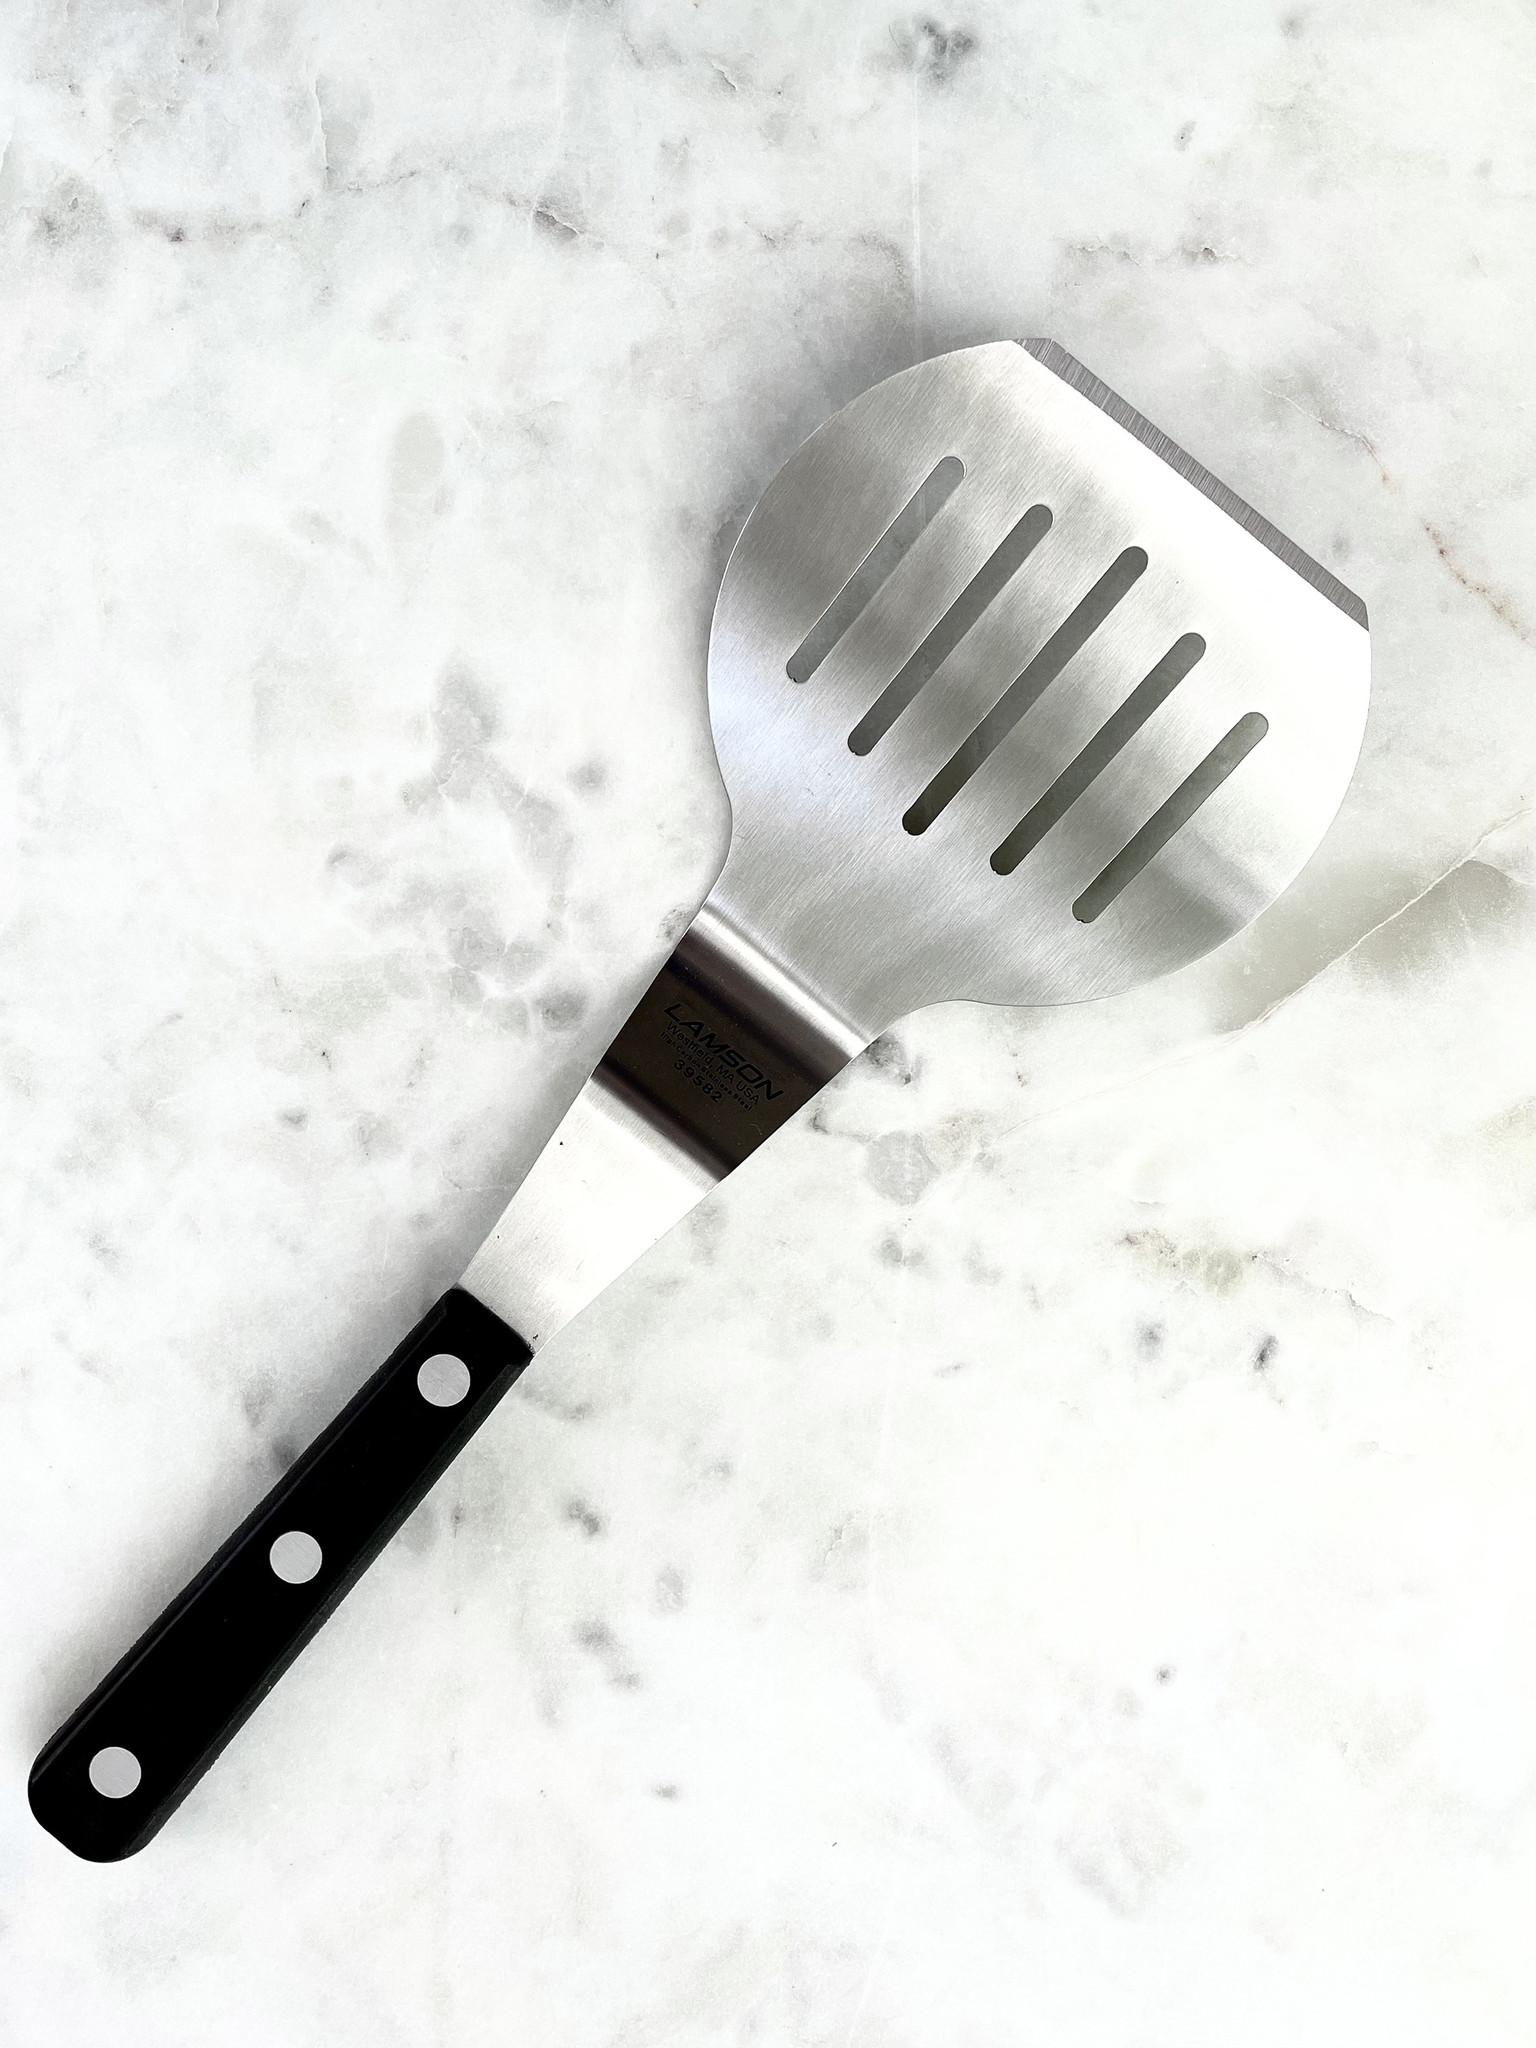 Lamson Pancake Turner with Black Handle-1